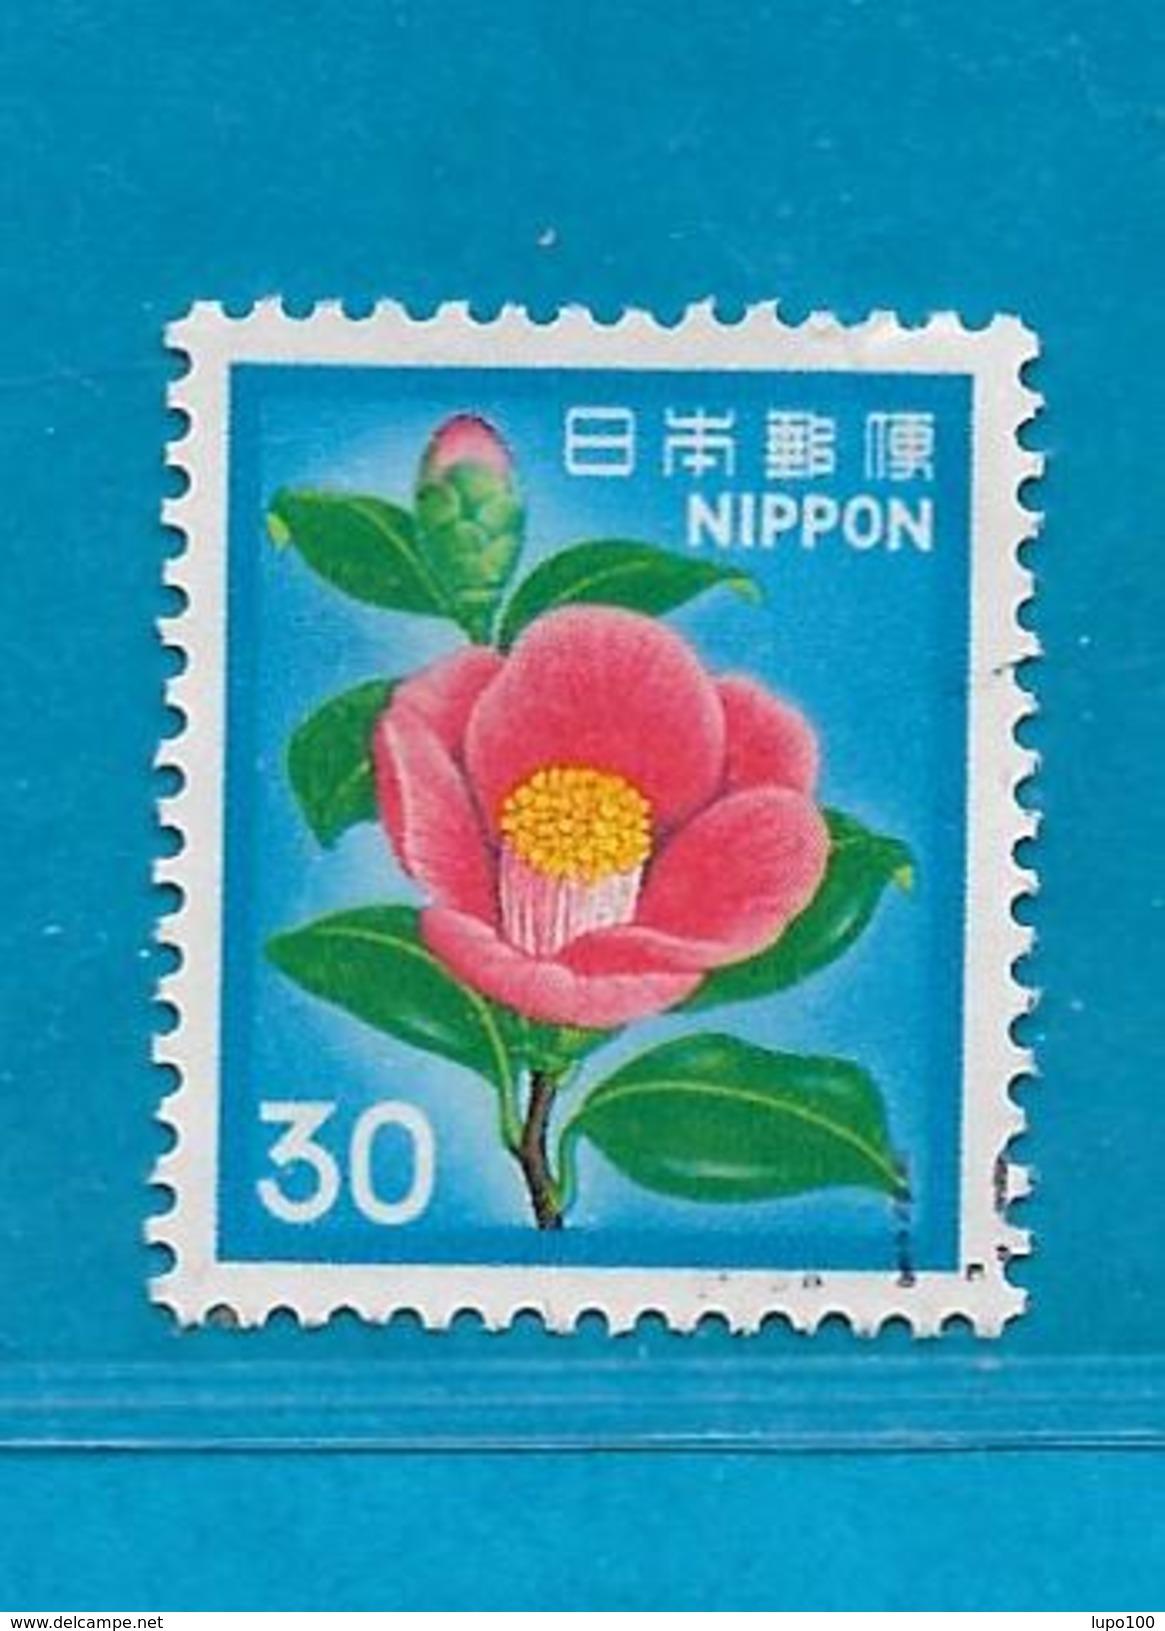 1980 GIAPPONE NIPPON FRANCOBOLLO USATO STAMP USED ORDINARIO FLORA FIORI 30 - 1926-89 Emperor Hirohito (Showa Era)